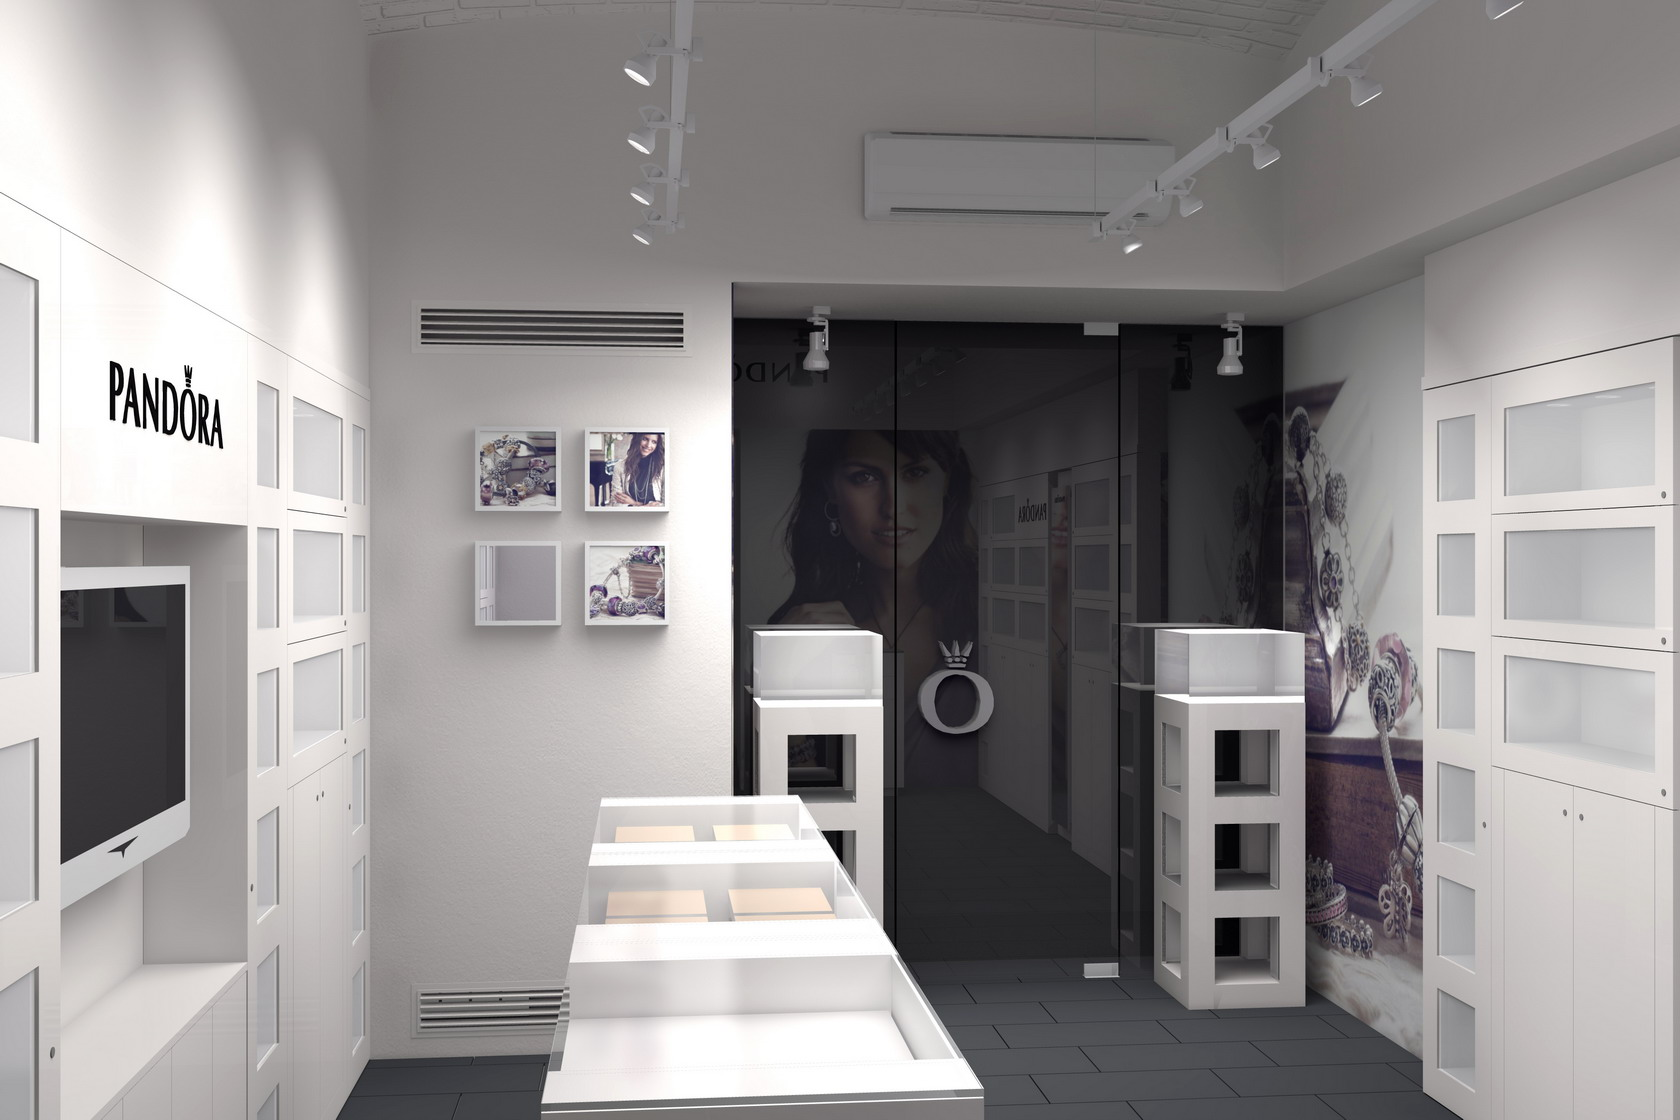 82 Pandora ZAGREB 2012